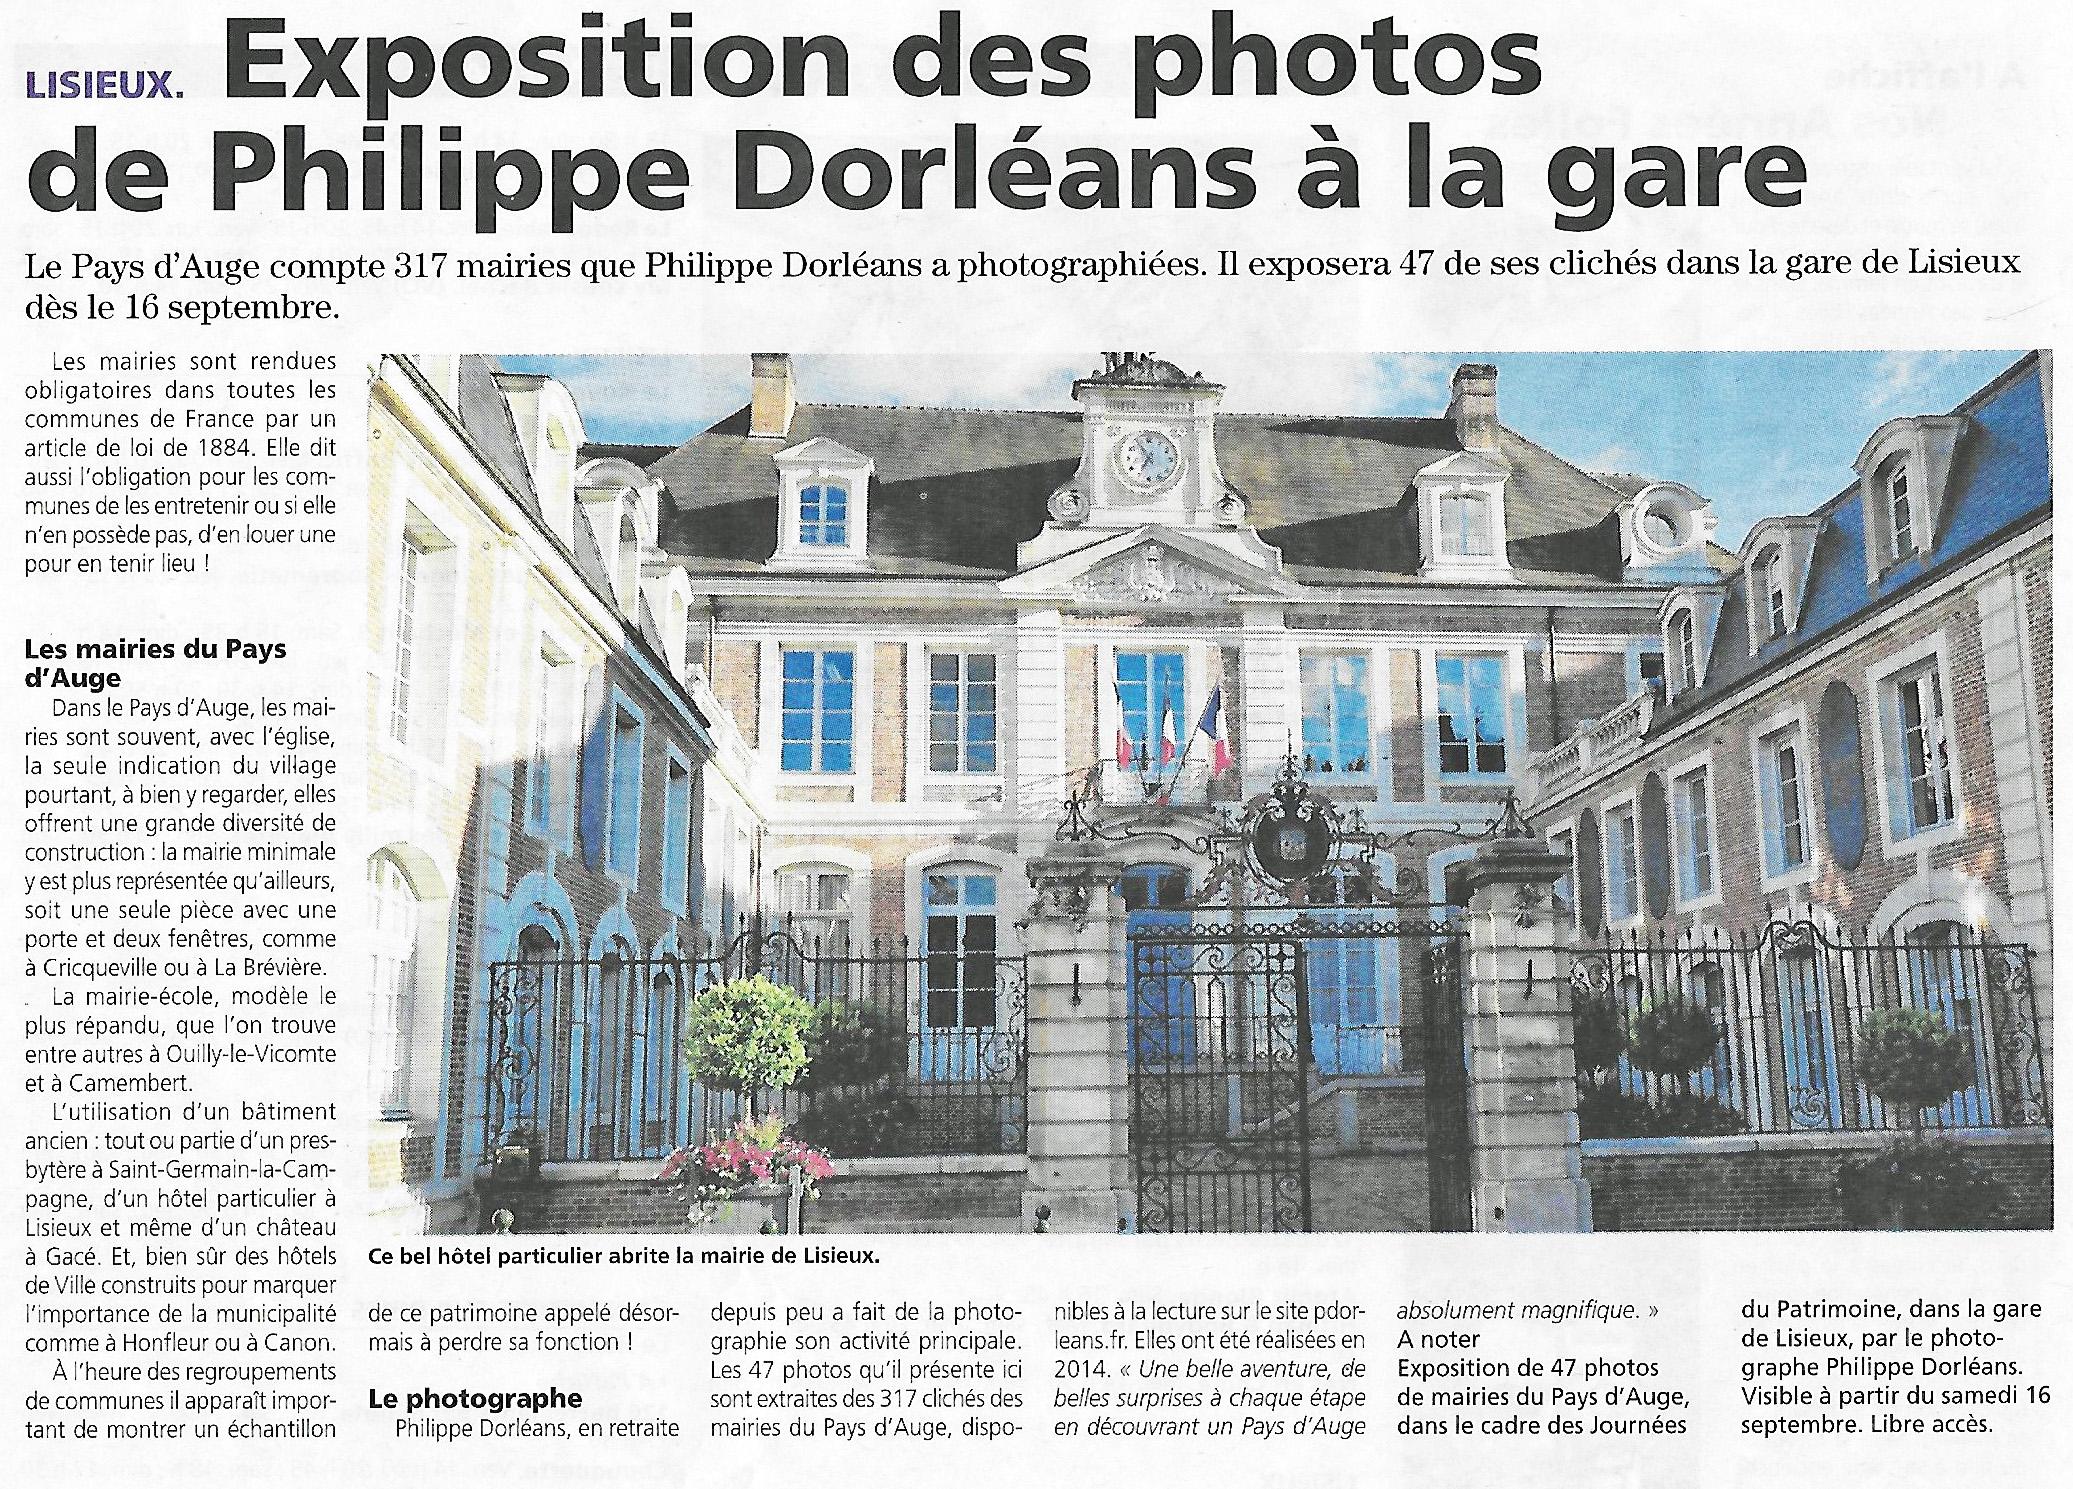 articles sur l 39 exposition toutes les mairies du pays d 39 auge la gare de lisieux philippe. Black Bedroom Furniture Sets. Home Design Ideas